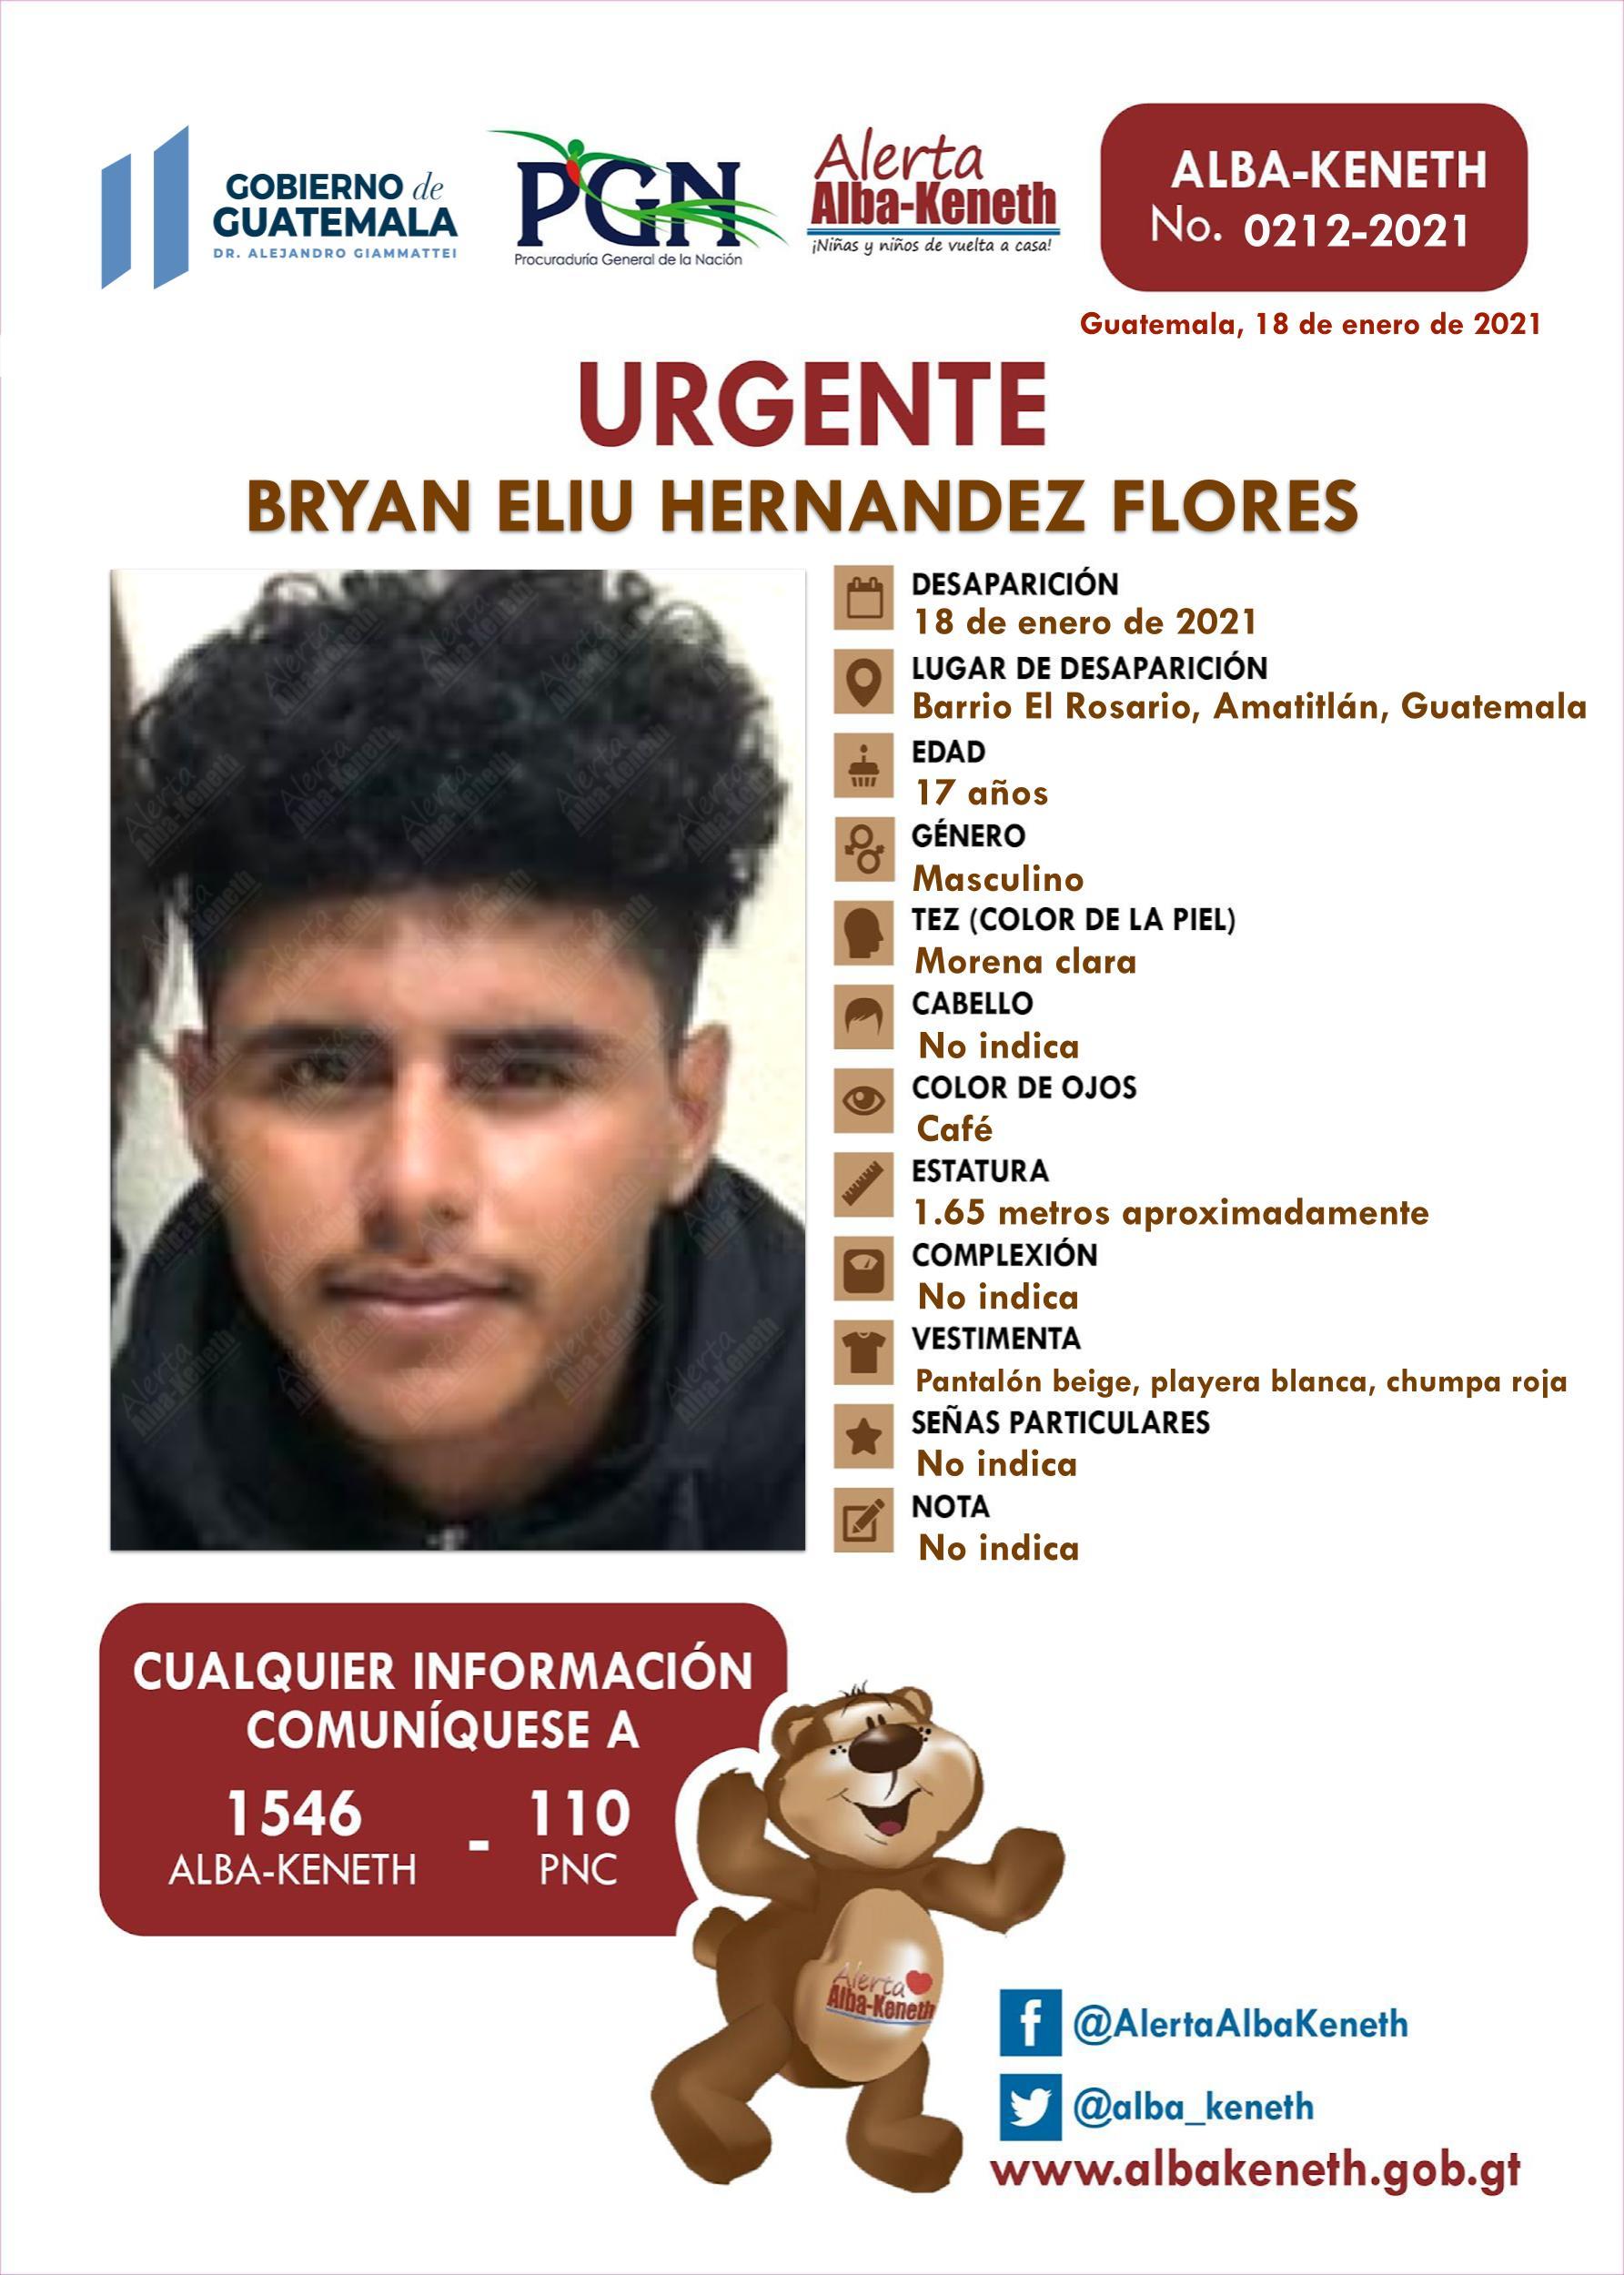 Bryan Eliy Hernandez Flores